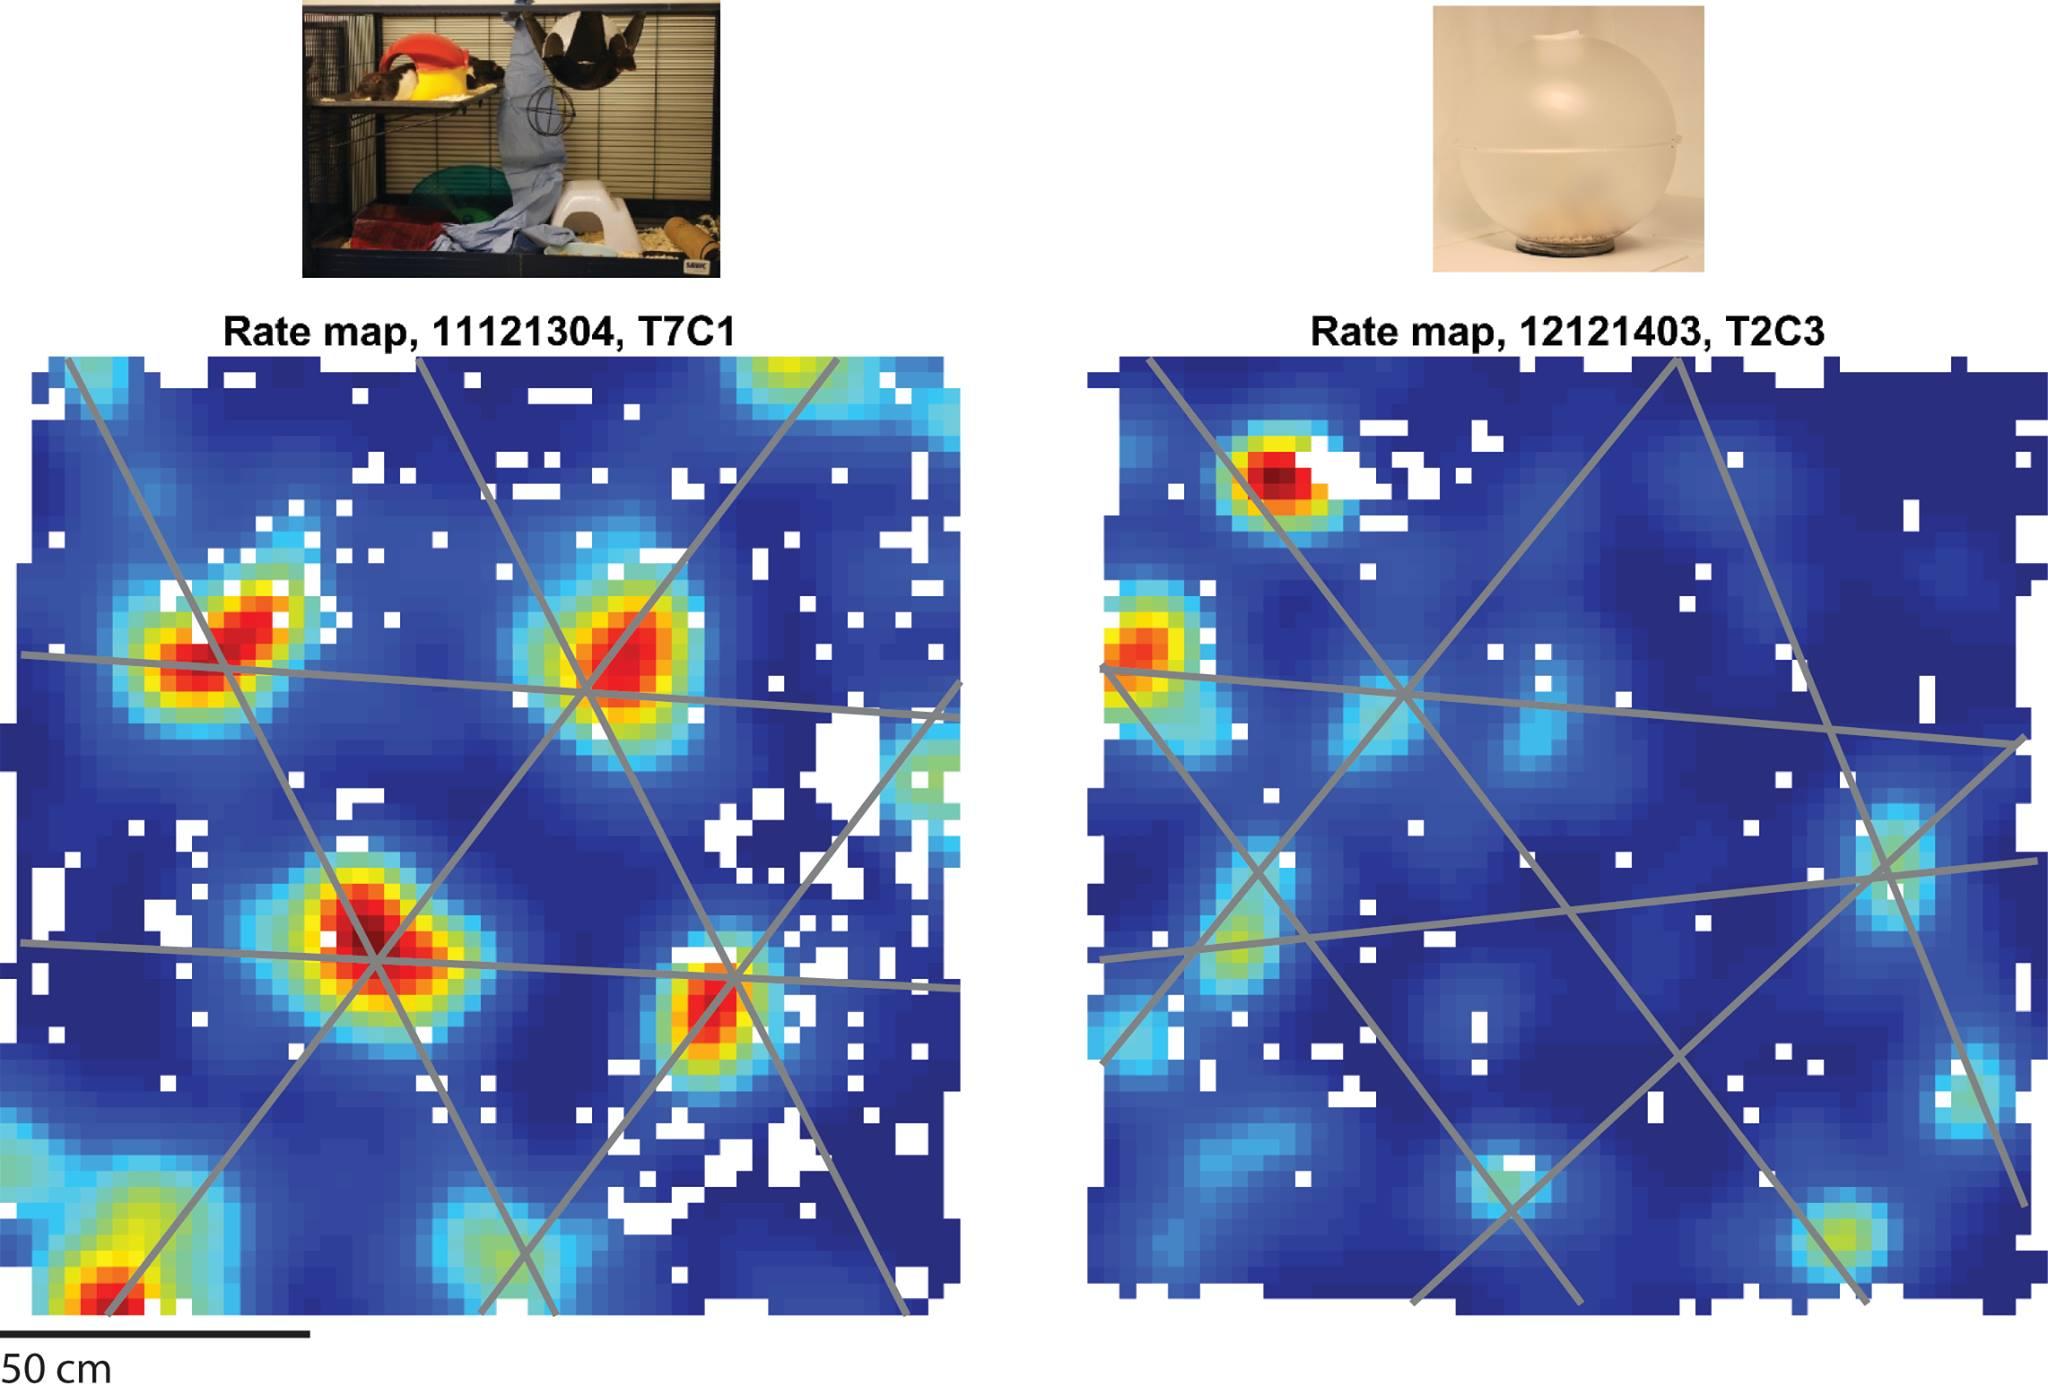 Til venstre: En gittercelle fra en rotte oppvokst i beriket miljø, første gang rotta løper fritt i en åpen boks (150 x 150 cm). Grå linjer er lagt over toppene, dvs. de stedene i boksen hvor cellen har høyest fyringsrate (varme farger). Den mørkeblå fargen viser hvor i boksen cellen er stille. Linjene illustrerer det repeterende trekantmønsteret som dekker boksen. Til høyre: En gittercelle fra en rotte oppvokst i et sfærisk miljø, fra den tredje dagen rotta løper fritt i boksen. Grå linjer er strukket mellom toppene hvor cellen har høyest fyringsrate. Legg merke til hvordan symmetrien mellom toppene er brutt, sammenliknet med cellen fra det berikede dyret.